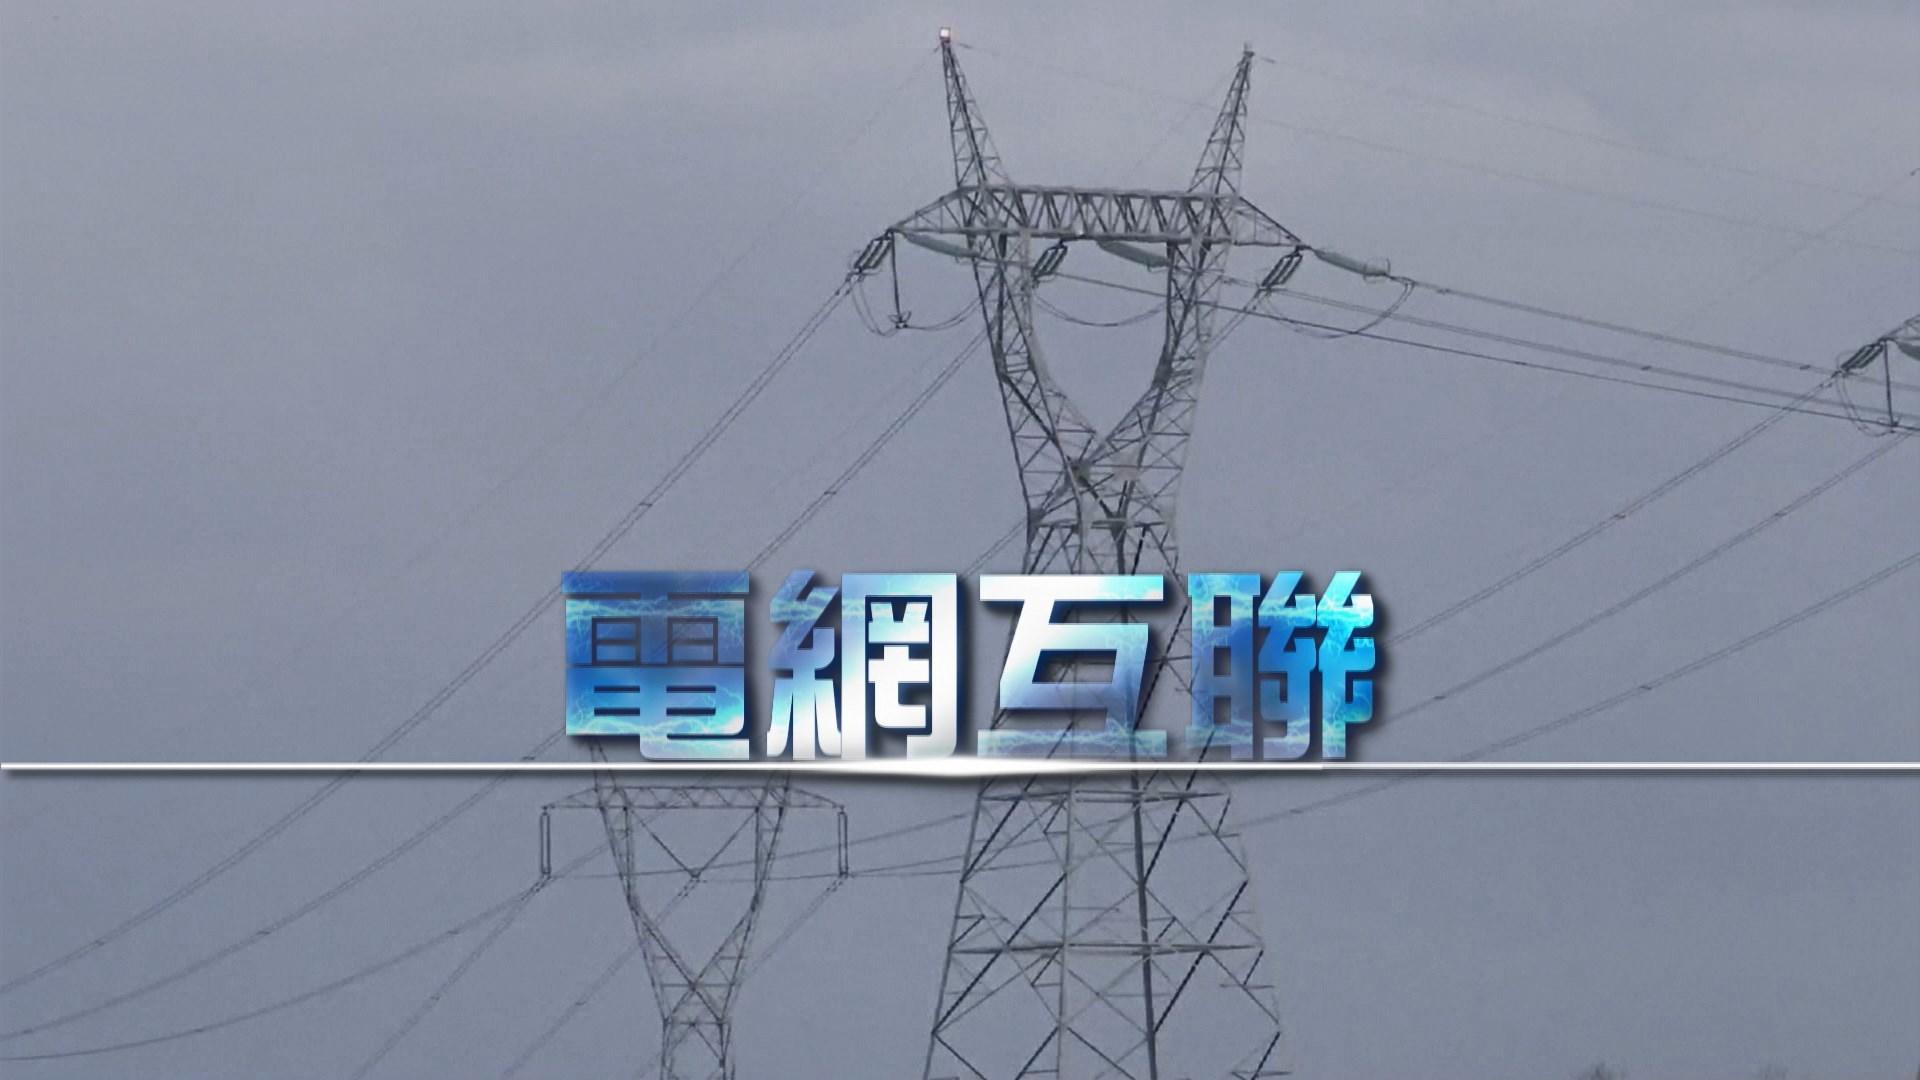 【新聞智庫】南美多國大停電 問題出在電網互聯?